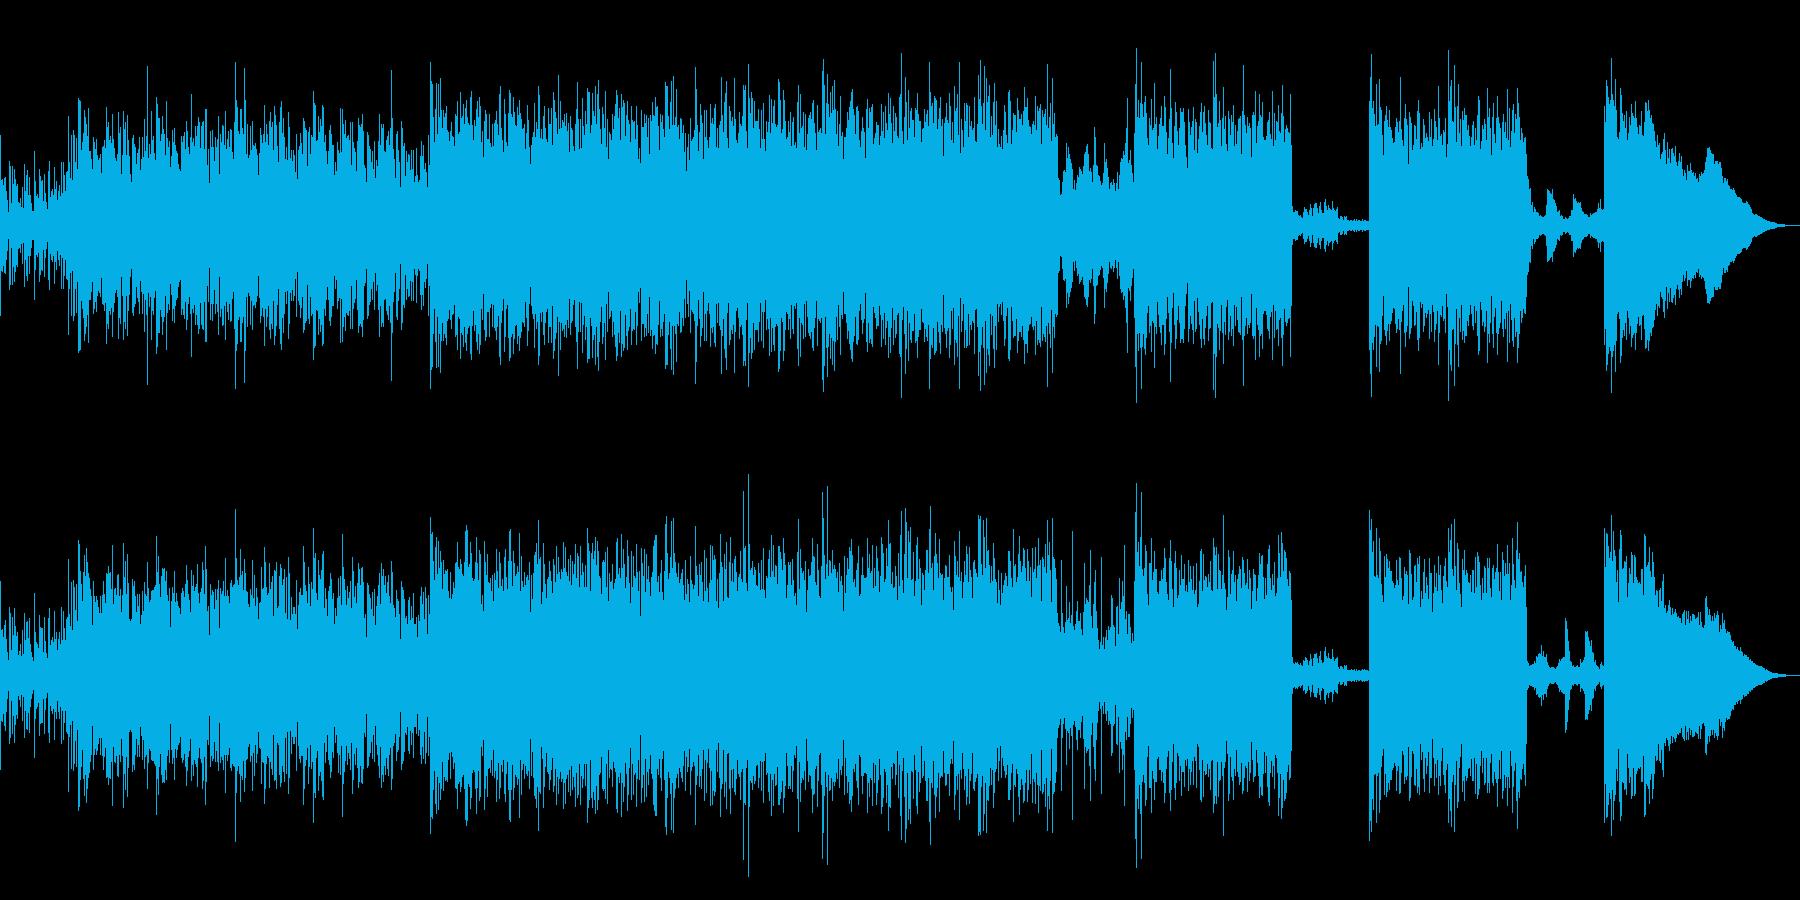 狂ったスチームパンクなデジロックの再生済みの波形